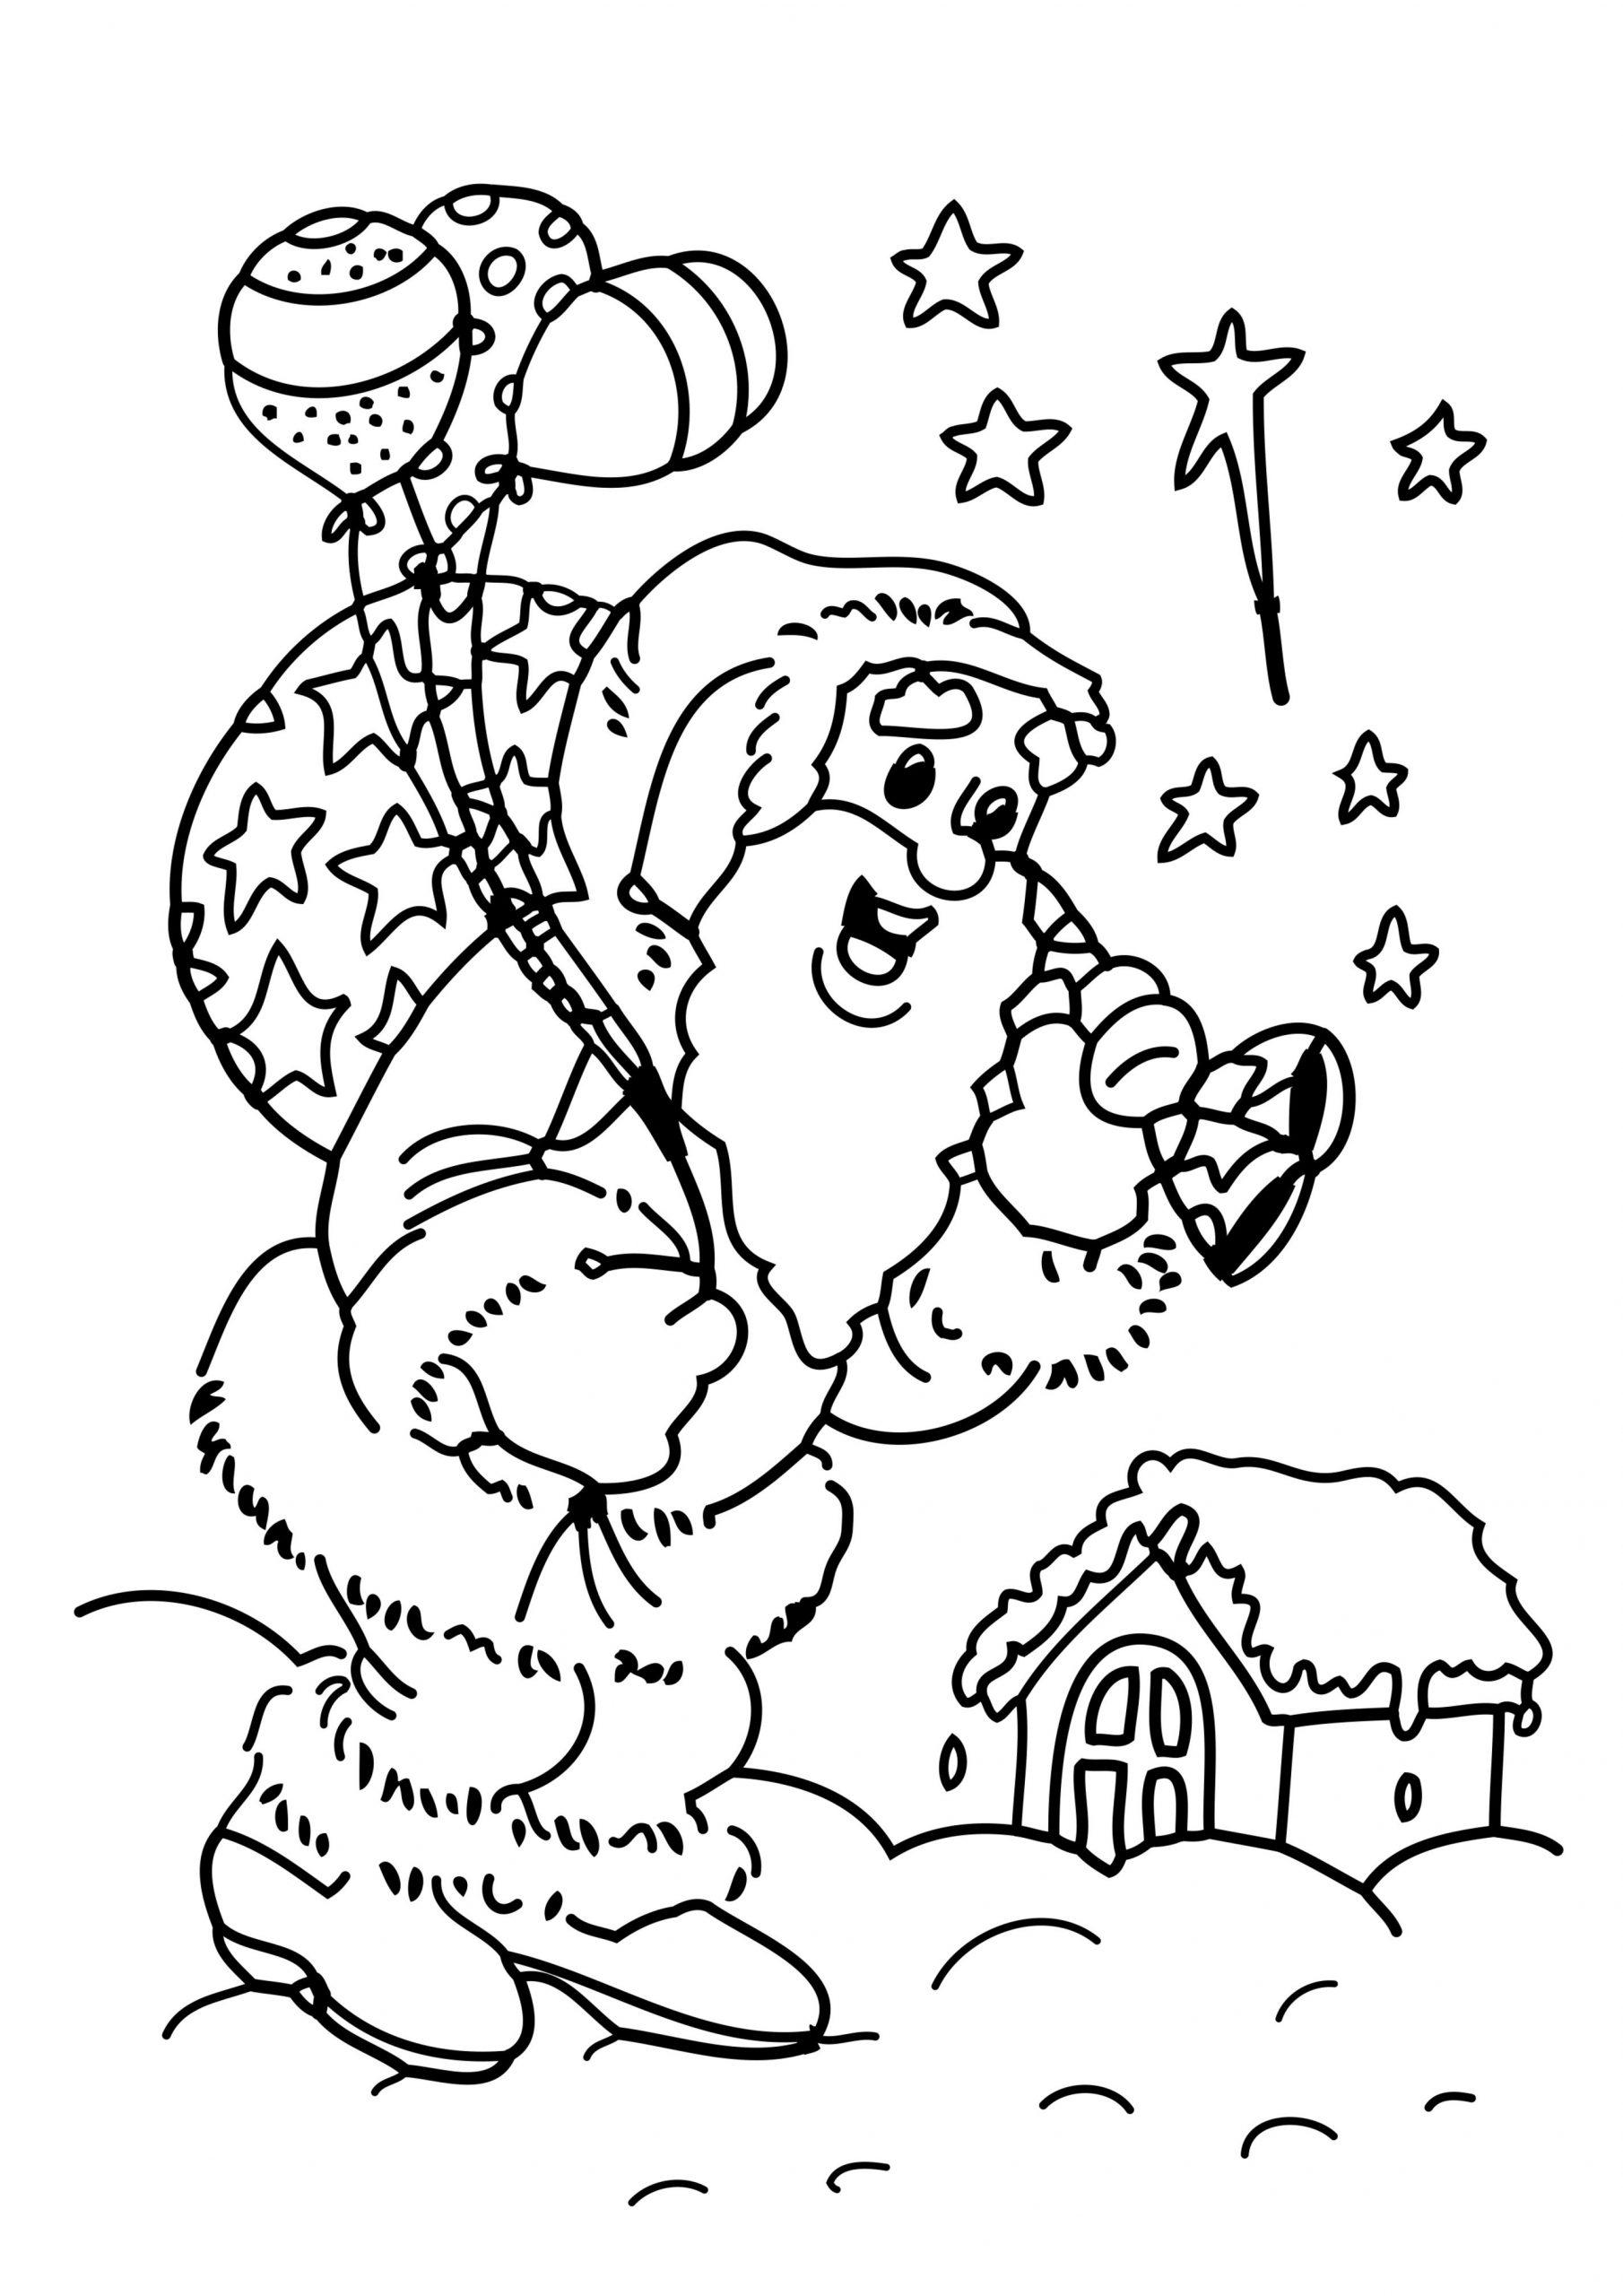 Coloriage Et Dessin Pere Noel À Imprimer | Coloriage Noel concernant Coloriage Pere Noel À Imprimer Gratuit